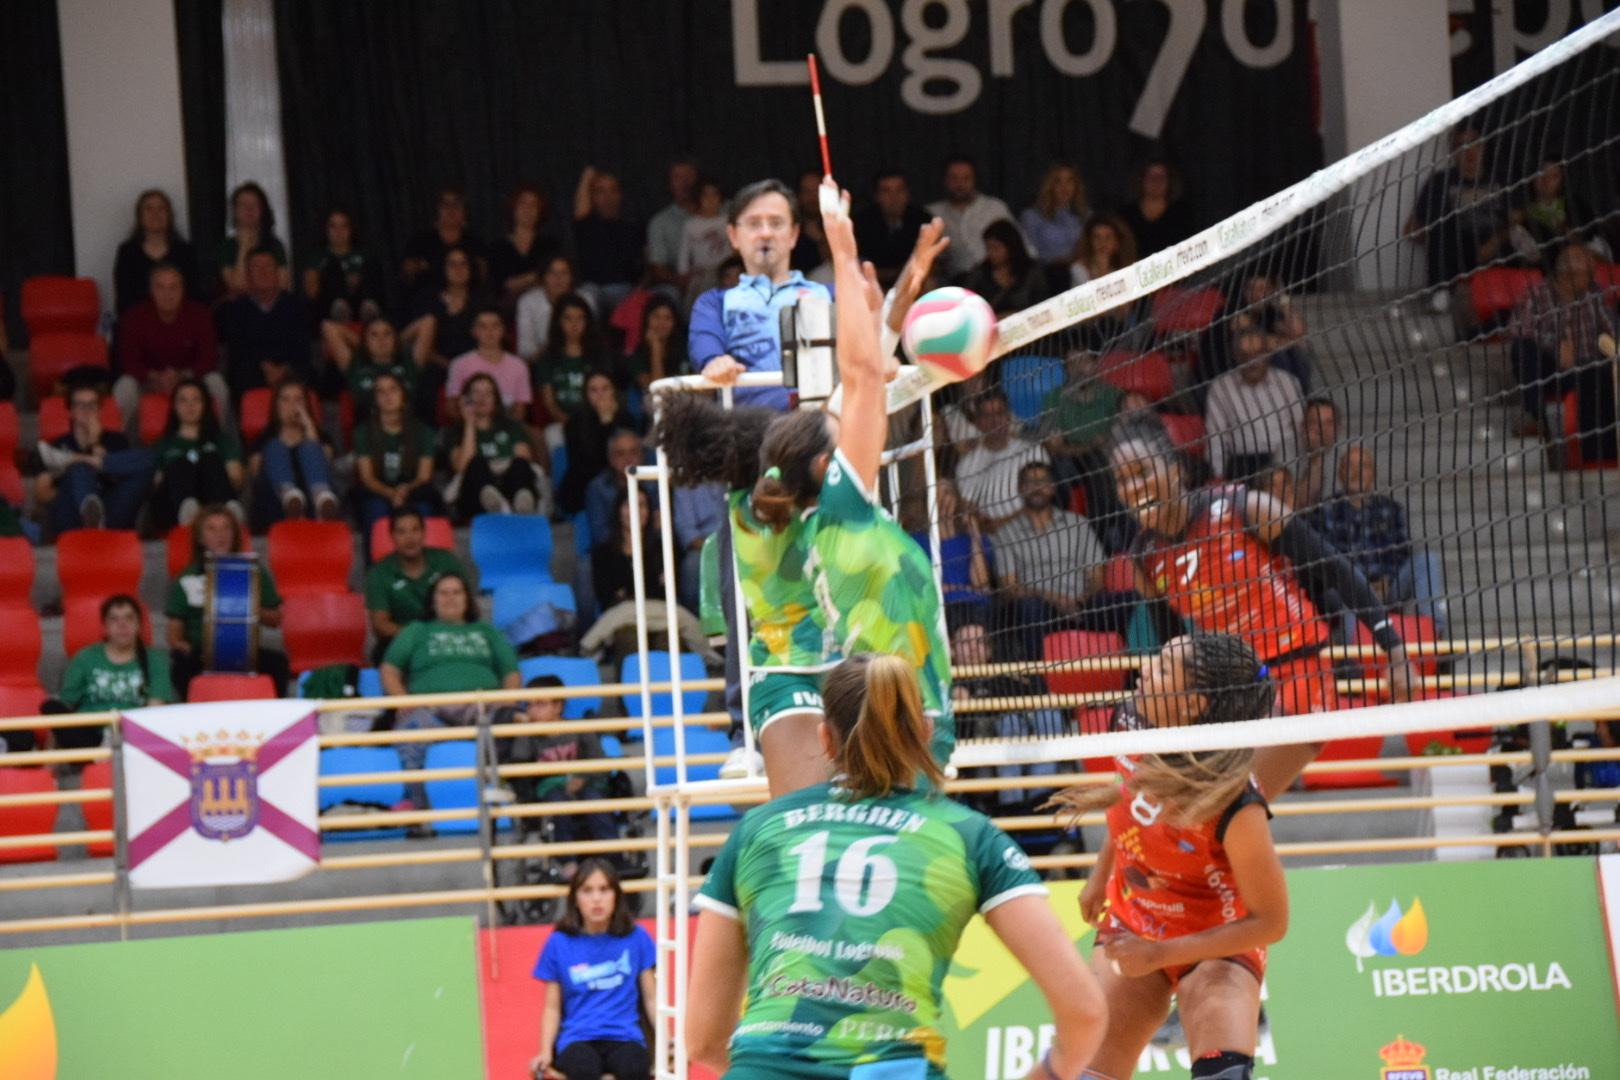 Photo of El Voleibol Logroño gana 0-3 en un muy igualado encuentro al IBSA CV CCO 7 Palmas